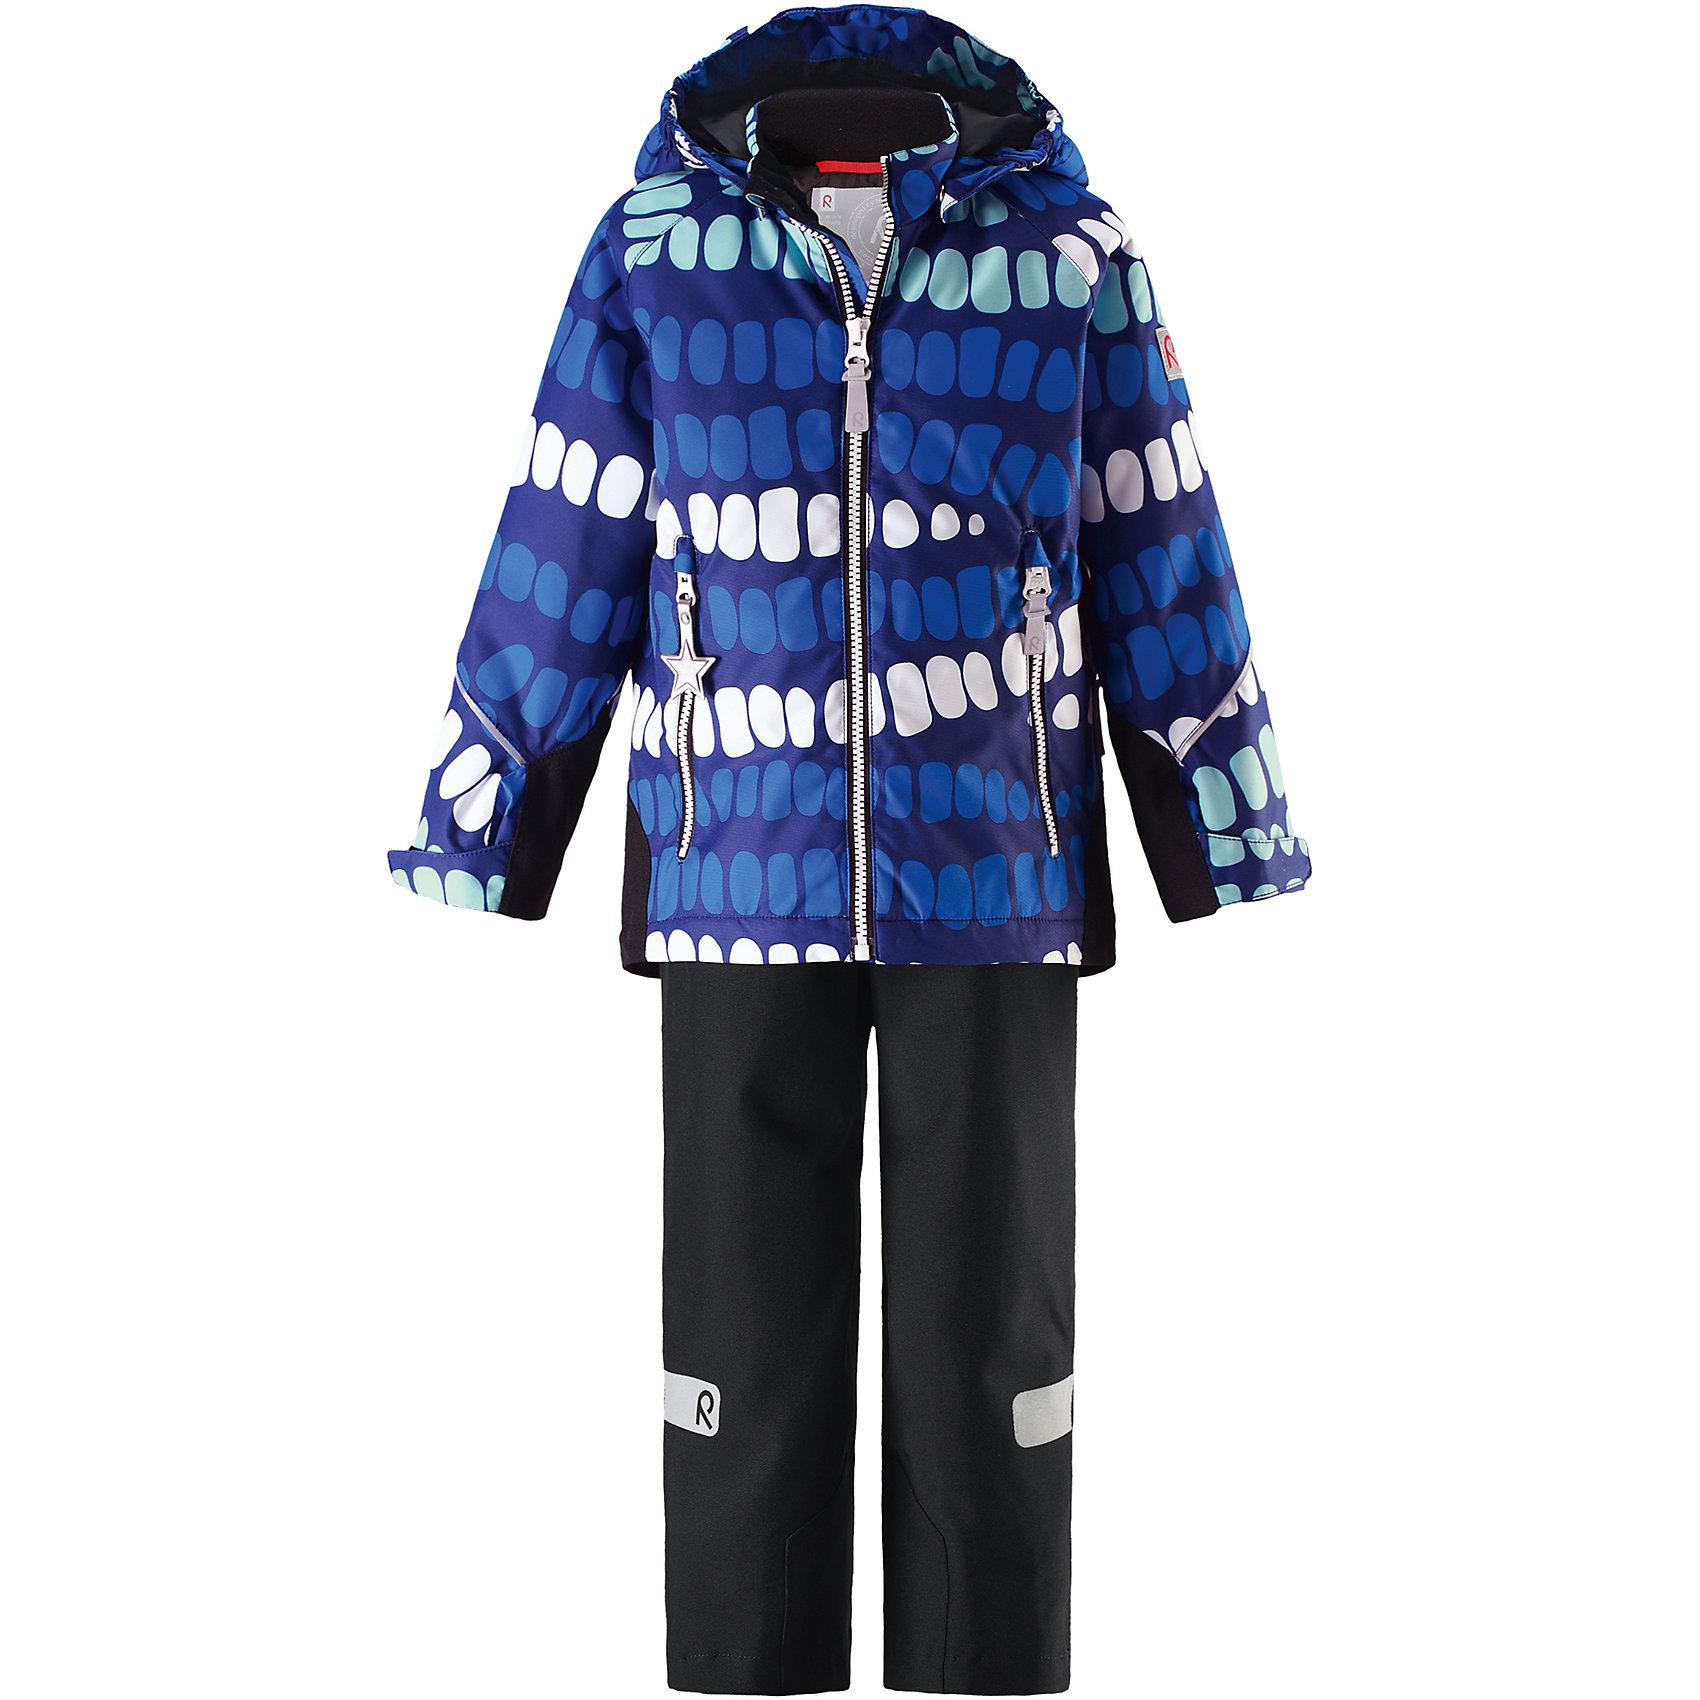 Комплект Kiddo Segel: куртка и брюки для мальчика Reimatec® ReimaОдежда<br>Характеристики товара:<br><br>• цвет: синий/черный<br>• состав: 100% полиэстер, полиуретановое покрытие<br>• температурный режим: от 0° до +10°С<br>• легкий утеплитель: 80 гр/м2<br>• водонепроницаемость: куртка - 8000, брюки - 10000<br>• воздухопроницаемость: куртка - 5000, брюки - 3000 мм<br>• износостойкость: куртка - 30000, брюки - 50000 циклов (тест Мартиндейла)<br>• основные швы проклеены, водонепроницаемы<br>• водо- и ветронепроницаемый, дышащий, грязеотталкивающий материал<br>• подкладка из мягкого полиэстера<br>• прочные усиления на рукавах и спинке<br>• безопасный съёмный капюшон<br>• регулируемые манжеты на застёжке-липучке <br>• регулируемый подол<br>• регулируемые концы брючин со снегозащитой<br>• комфортная посадка<br>• два кармана на молнии<br>• светоотражающие детали<br>• страна производства: Китай<br>• страна бренда: Финляндия<br>• коллекция: весна-лето 2017<br><br>Демисезонный комплект из куртки и штанов поможет обеспечить ребенку комфорт и тепло. Предметы отлично смотрятся с различной одеждой. Комплект удобно сидит и модно выглядит. Материал отлично подходит для дождливой погоды. Стильный дизайн разрабатывался специально для детей.<br><br>Обувь и одежда от финского бренда Reima пользуются популярностью во многих странах. Они стильные, качественные и удобные. Для производства продукции используются только безопасные, проверенные материалы и фурнитура.<br><br>Комплект: куртка и брюки для девочки Reimatec® от финского бренда Reima (Рейма) можно купить в нашем интернет-магазине.<br><br>Ширина мм: 356<br>Глубина мм: 10<br>Высота мм: 245<br>Вес г: 519<br>Цвет: синий<br>Возраст от месяцев: 96<br>Возраст до месяцев: 108<br>Пол: Мужской<br>Возраст: Детский<br>Размер: 134,110,104,98,92,140,128,122,116<br>SKU: 5266080